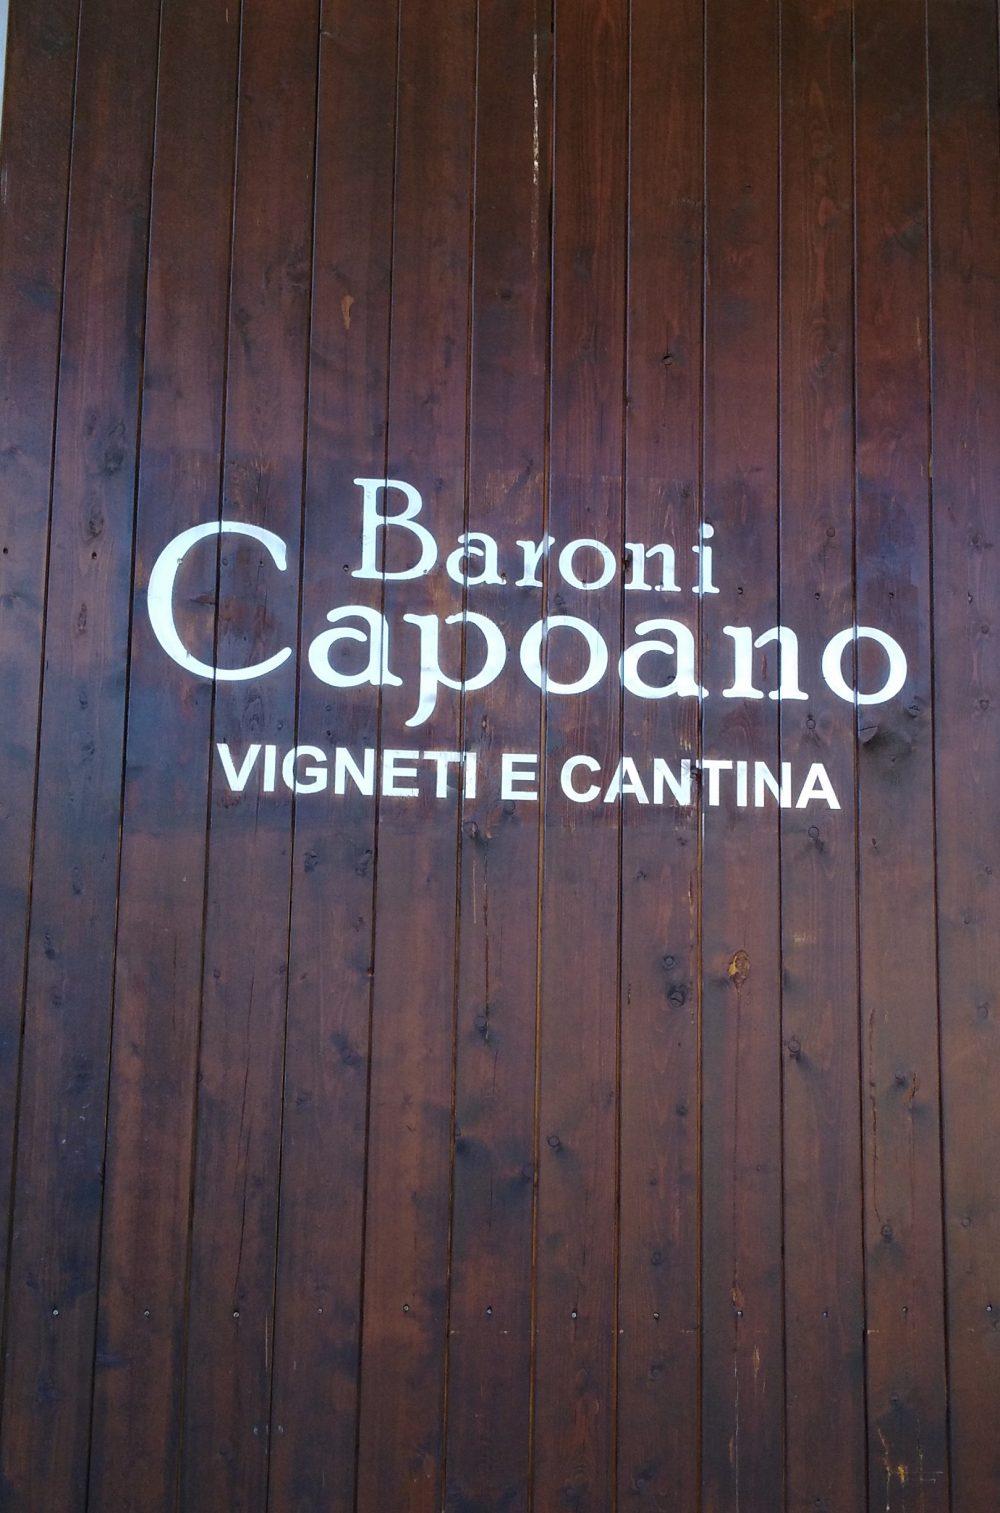 Cantina Baroni Capoano